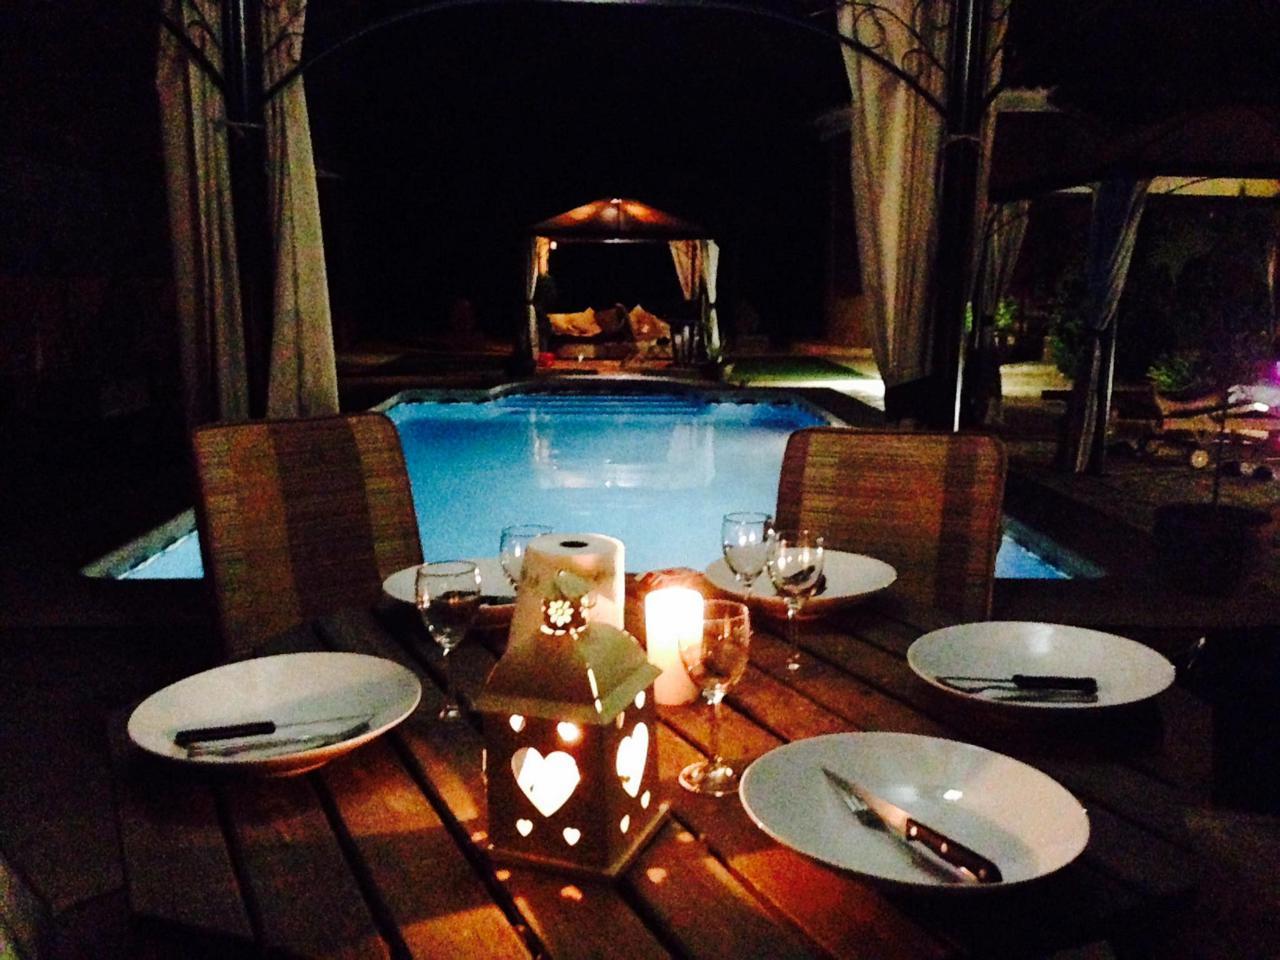 Casa  Camino arroba de hornos. La piscina es el punto de reunión de amigos y família. nos encan